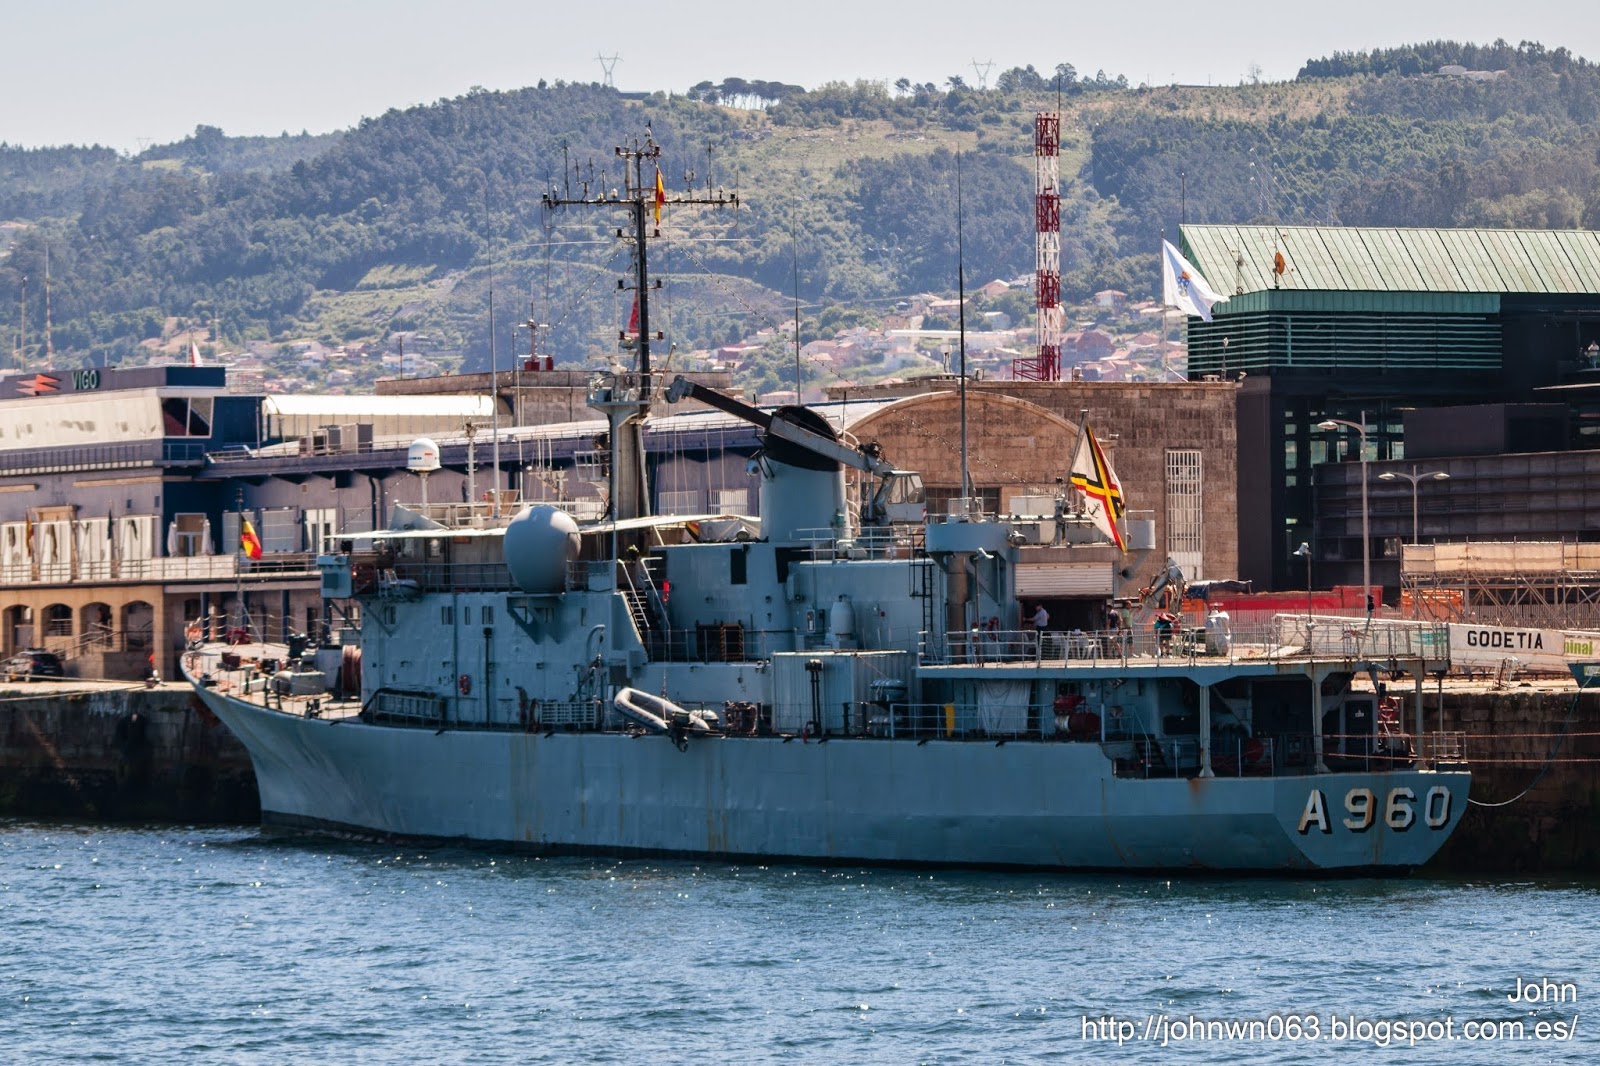 fotos de barcos, imagenes de barcos, godetia, armada belgica, vigo